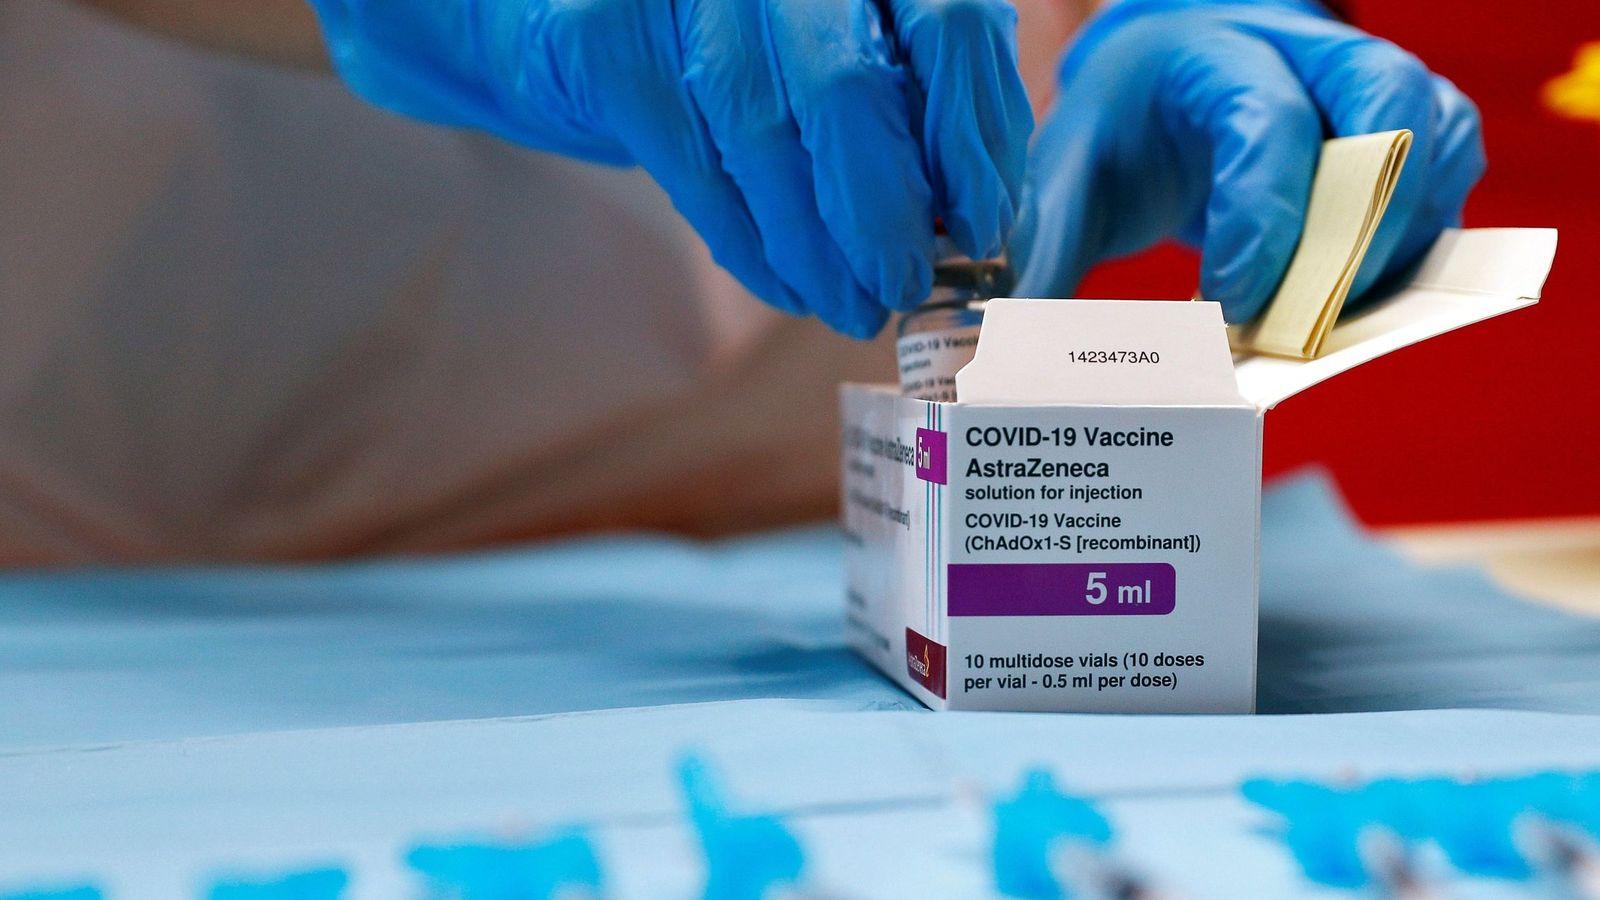 La vacuna AstraZeneca cambia de nombre: ahora se llama Vaxzevria